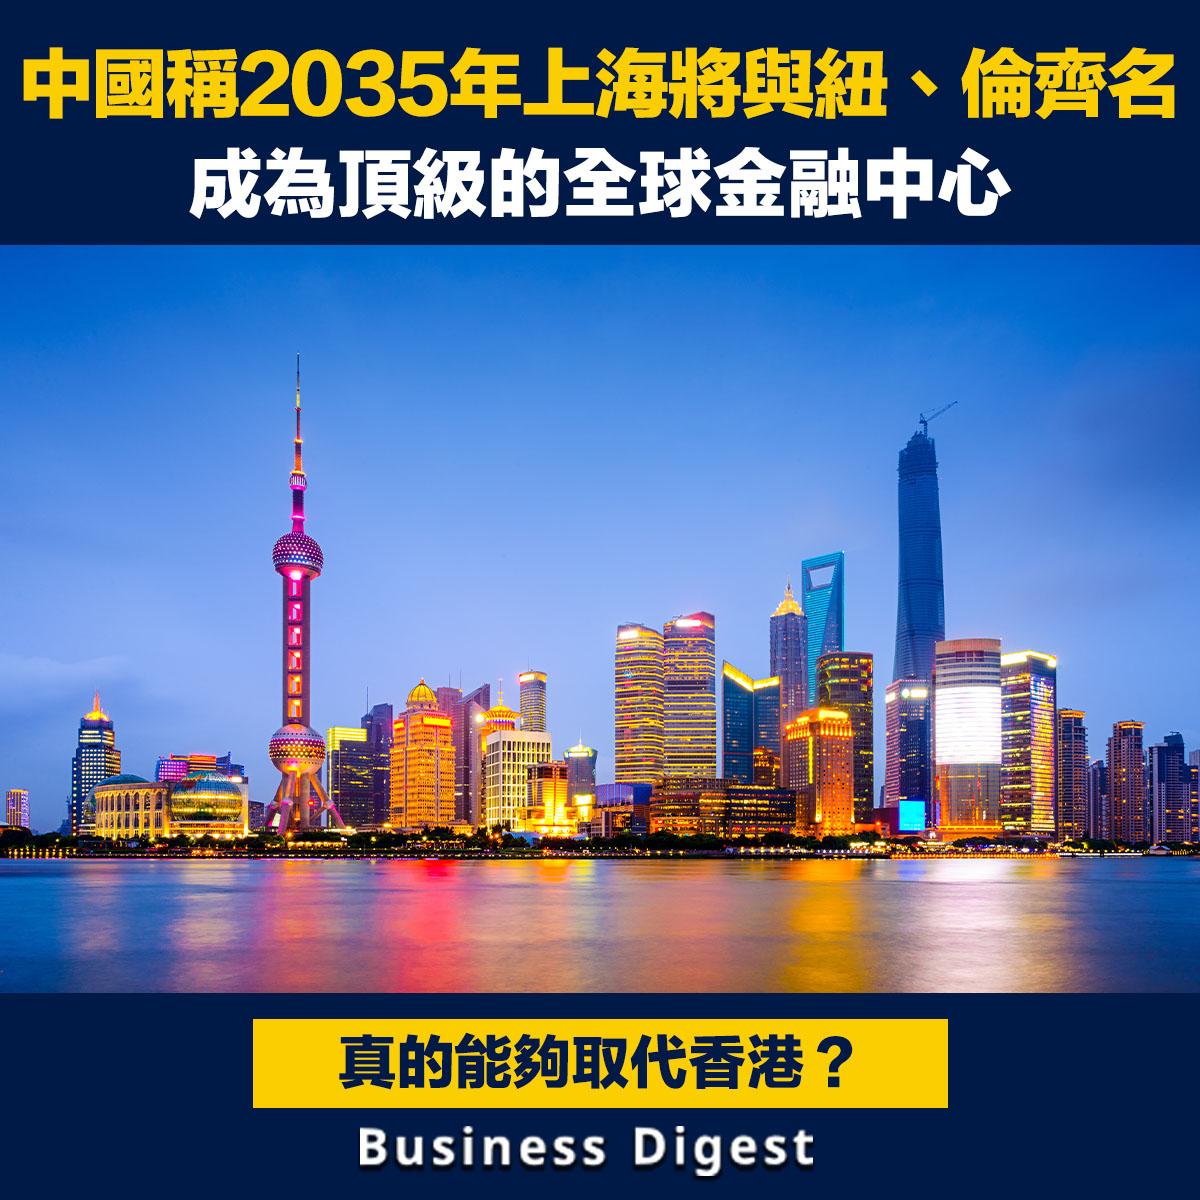 中國稱2035年上海將與紐、倫齊名,成為頂級的全球金融中心